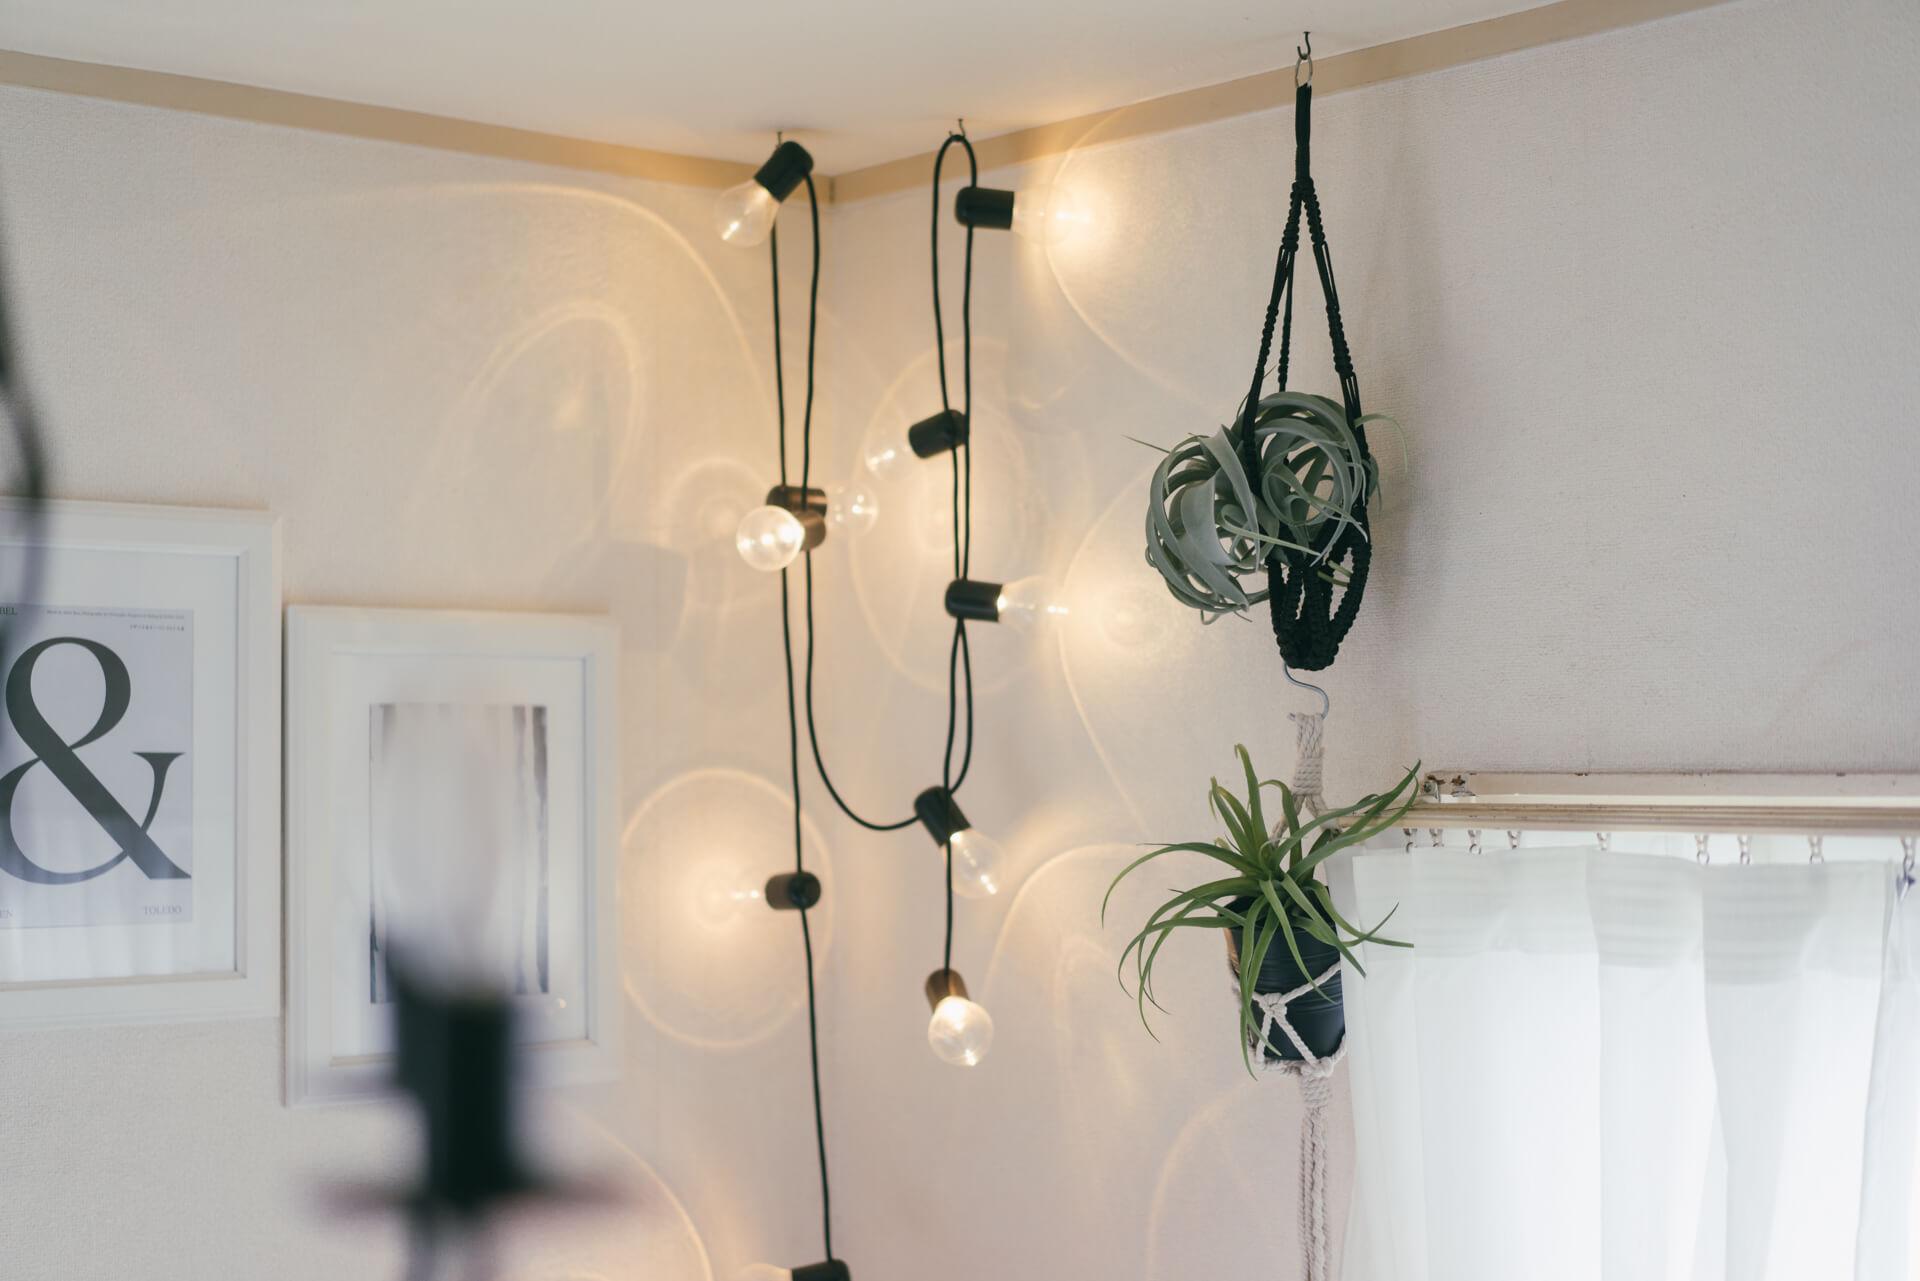 部屋のあちこちには、好きで集めているといういろんな照明が。小さな灯りがあると、部屋の中にちょっとしたギャラリーのようなスペースが生まれます。